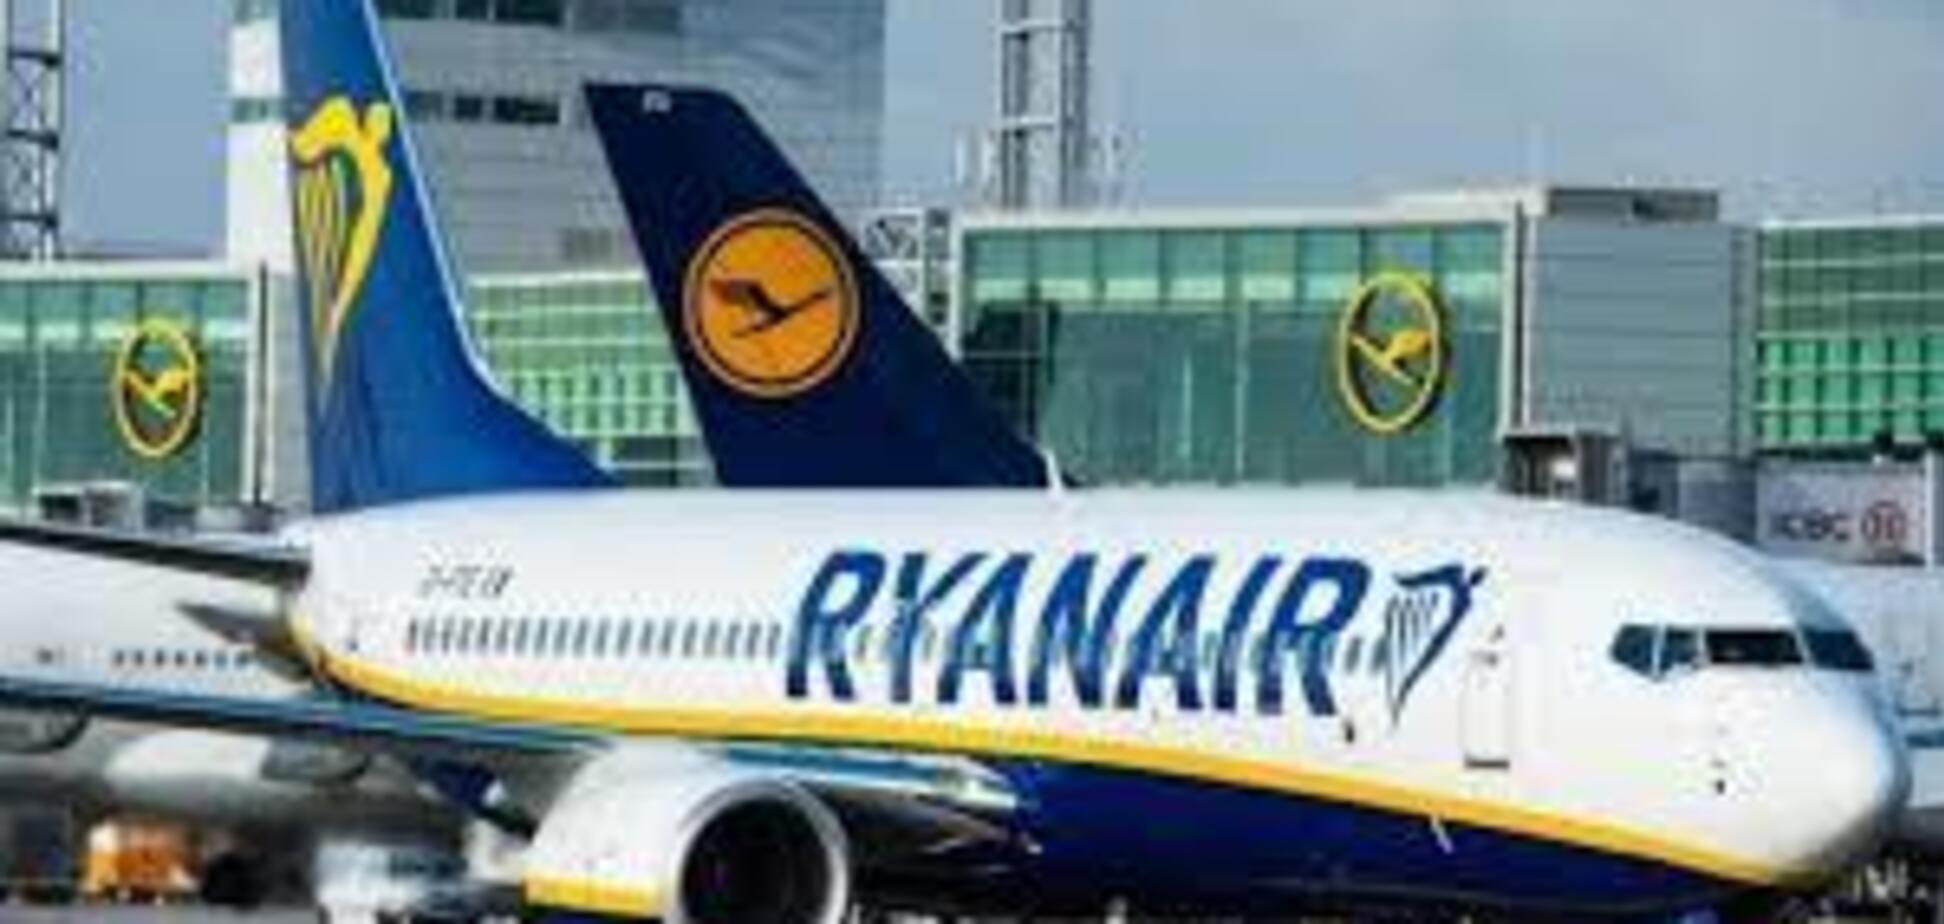 Намагався наздогнати літак: у Дубліні відбувся трагікомічний випадок із туристом